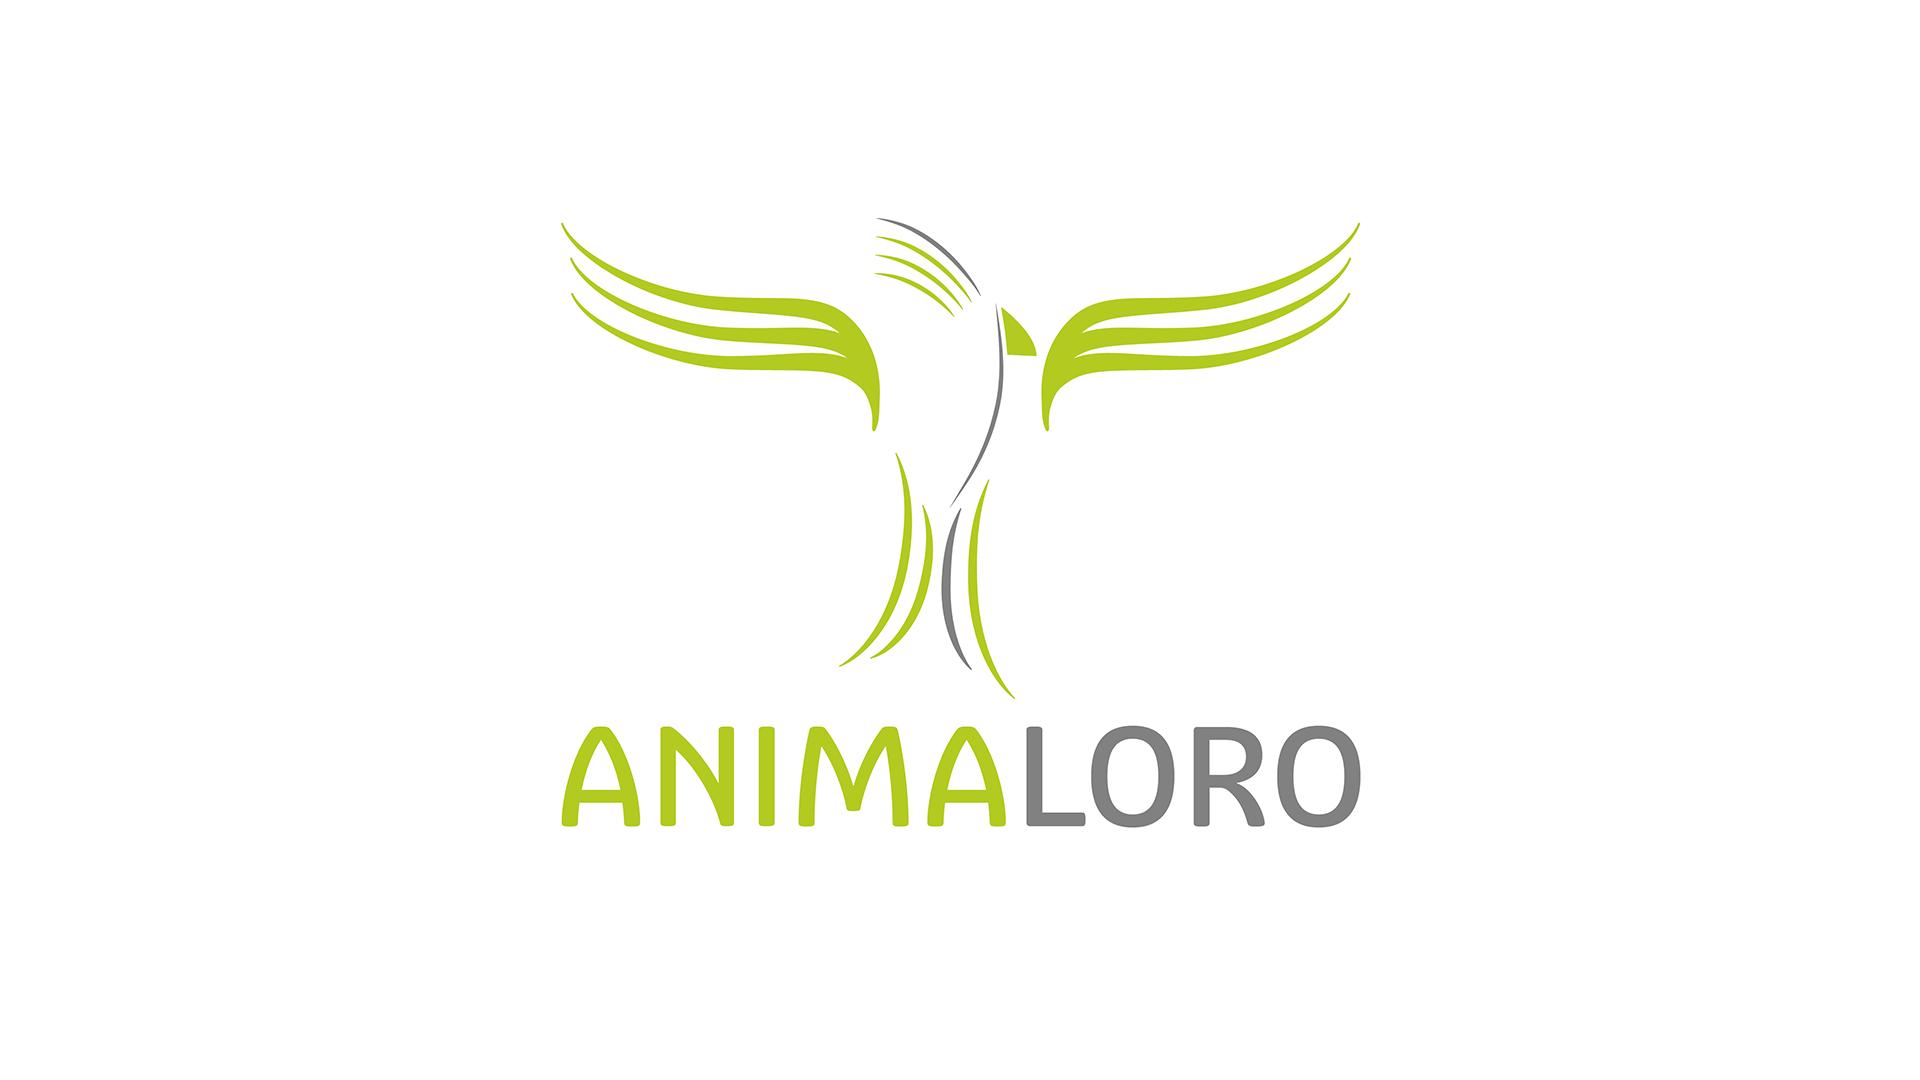 úvodní logo